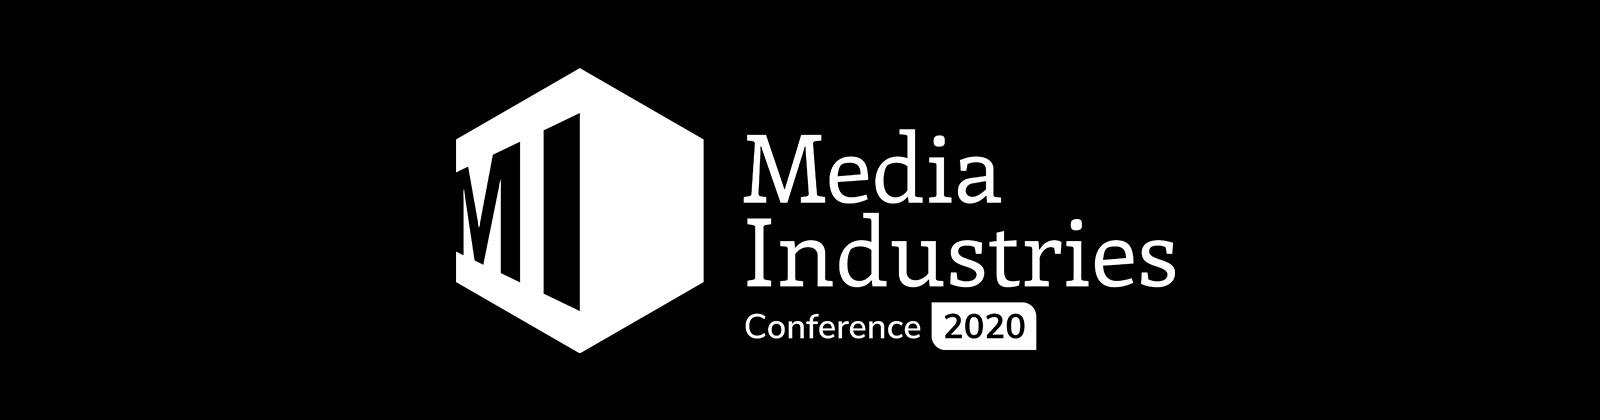 conference-banner-2020.jpg